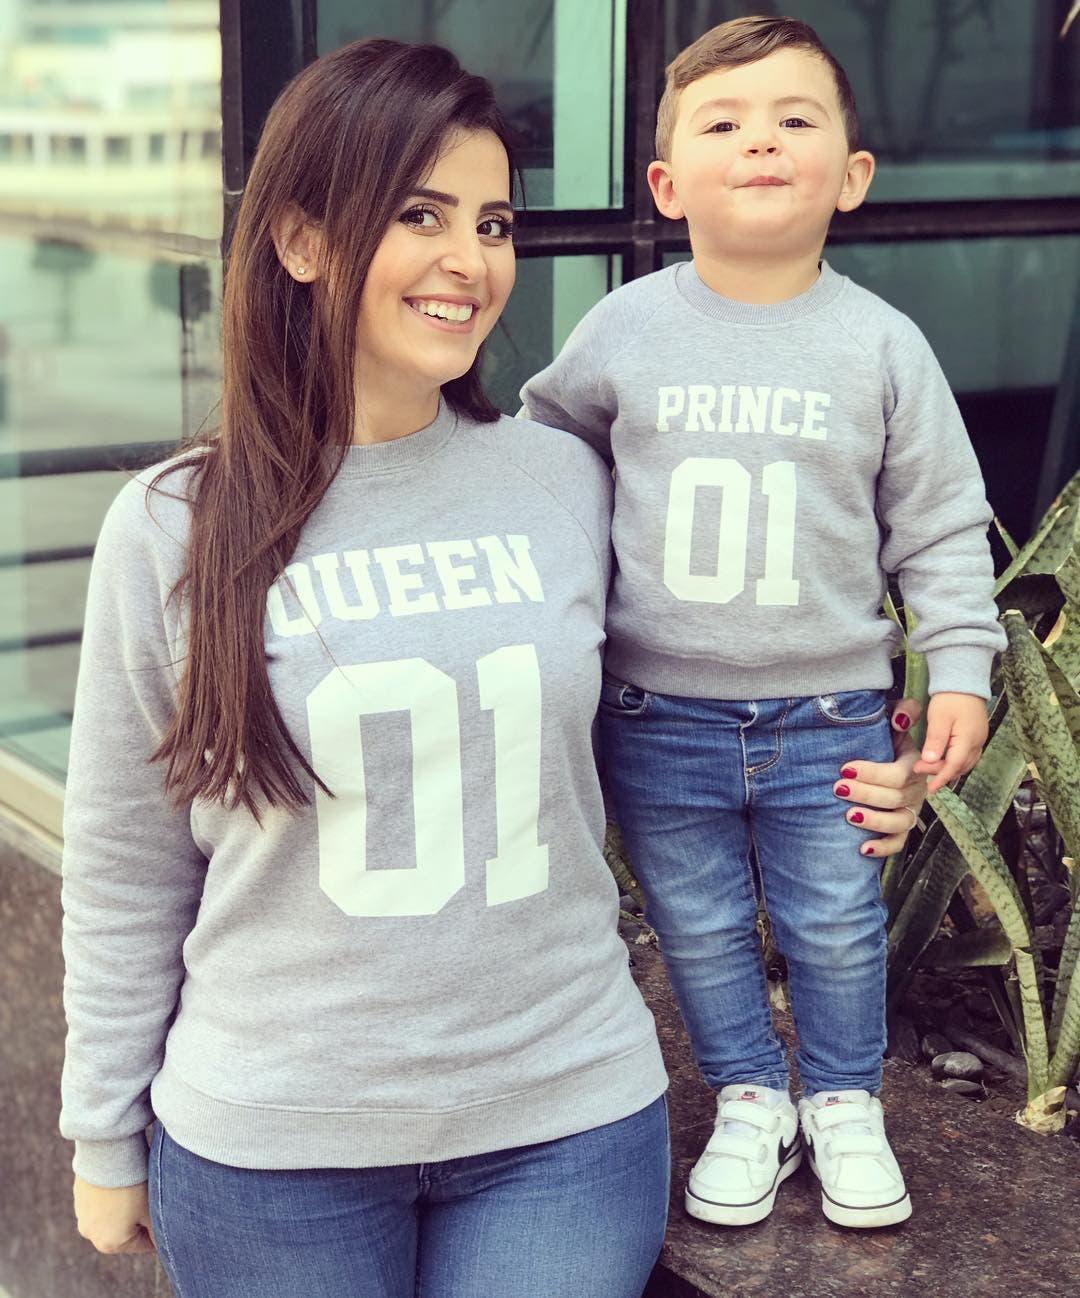 جايدن برفقة والدته التي تدير صفحته على موقع إنستغرام